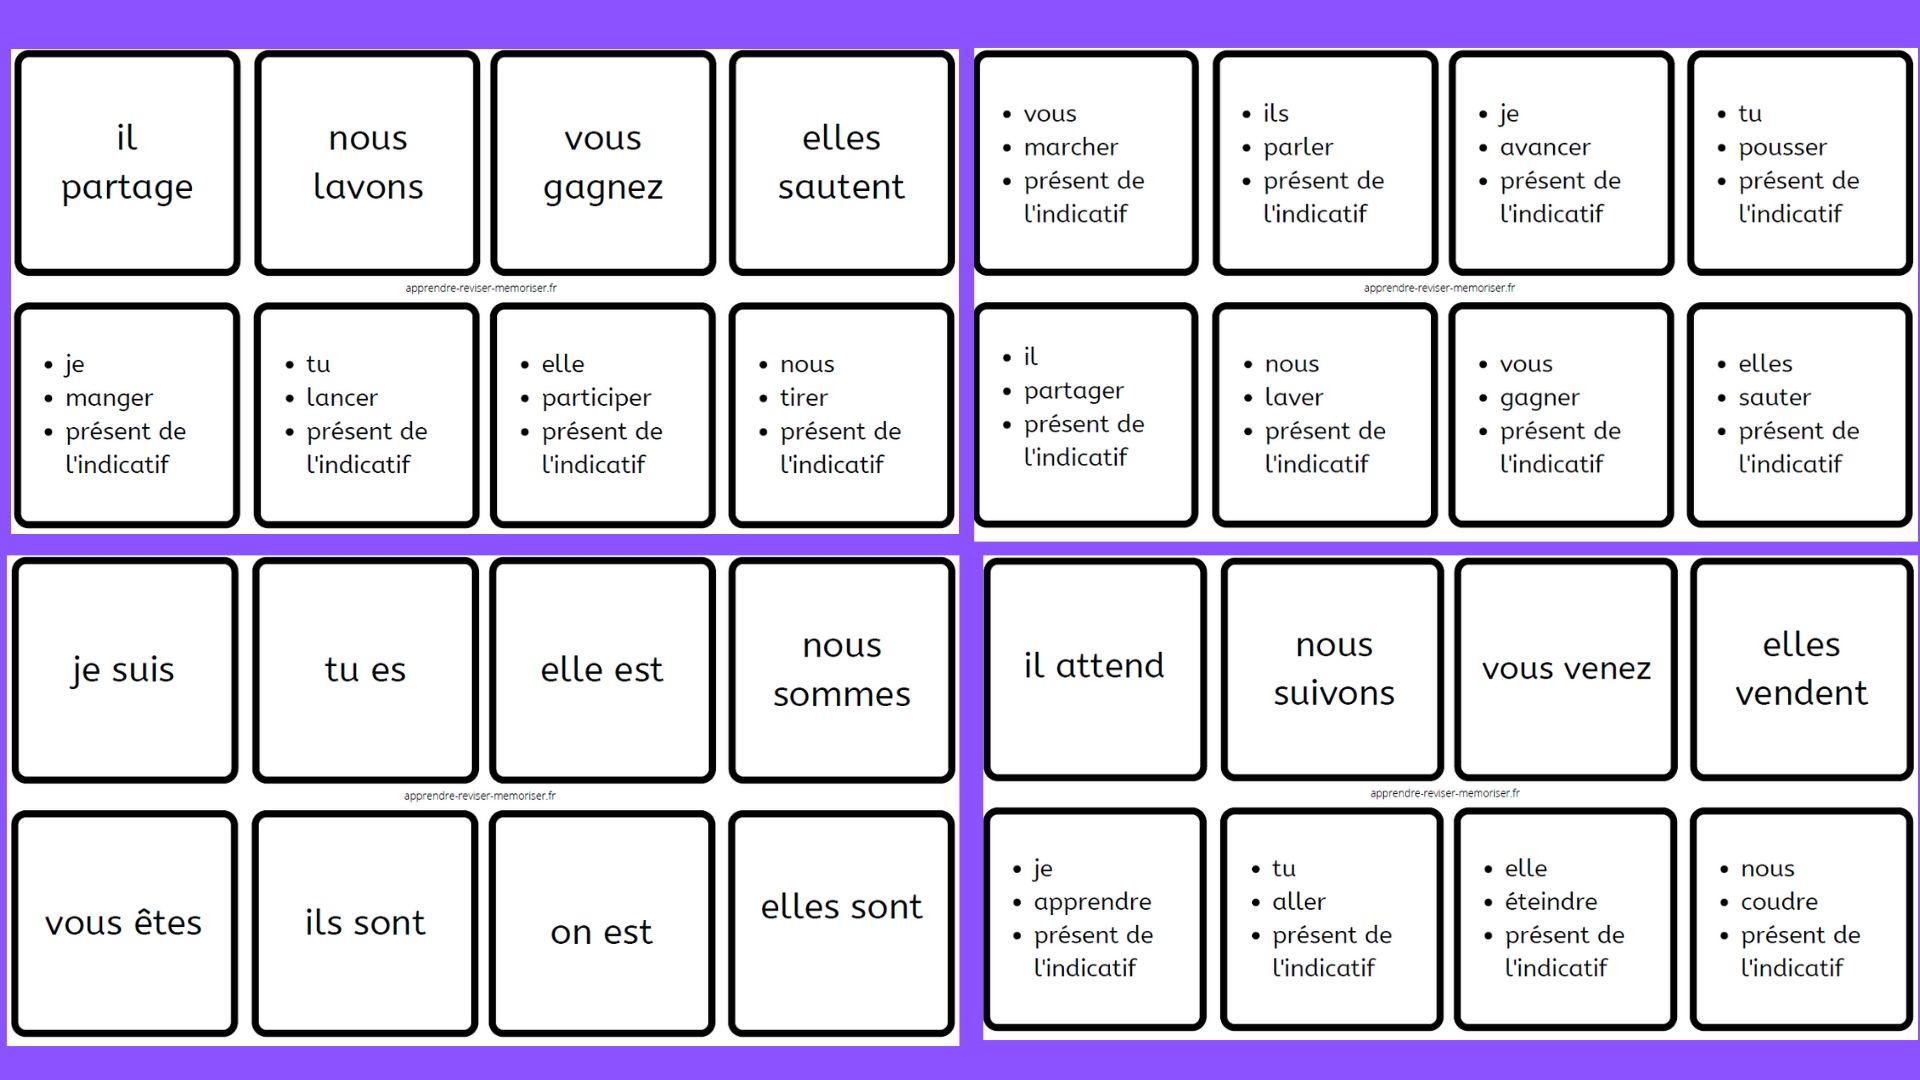 Dominos de conjugaison du présent de l'indicatif 3 groupes